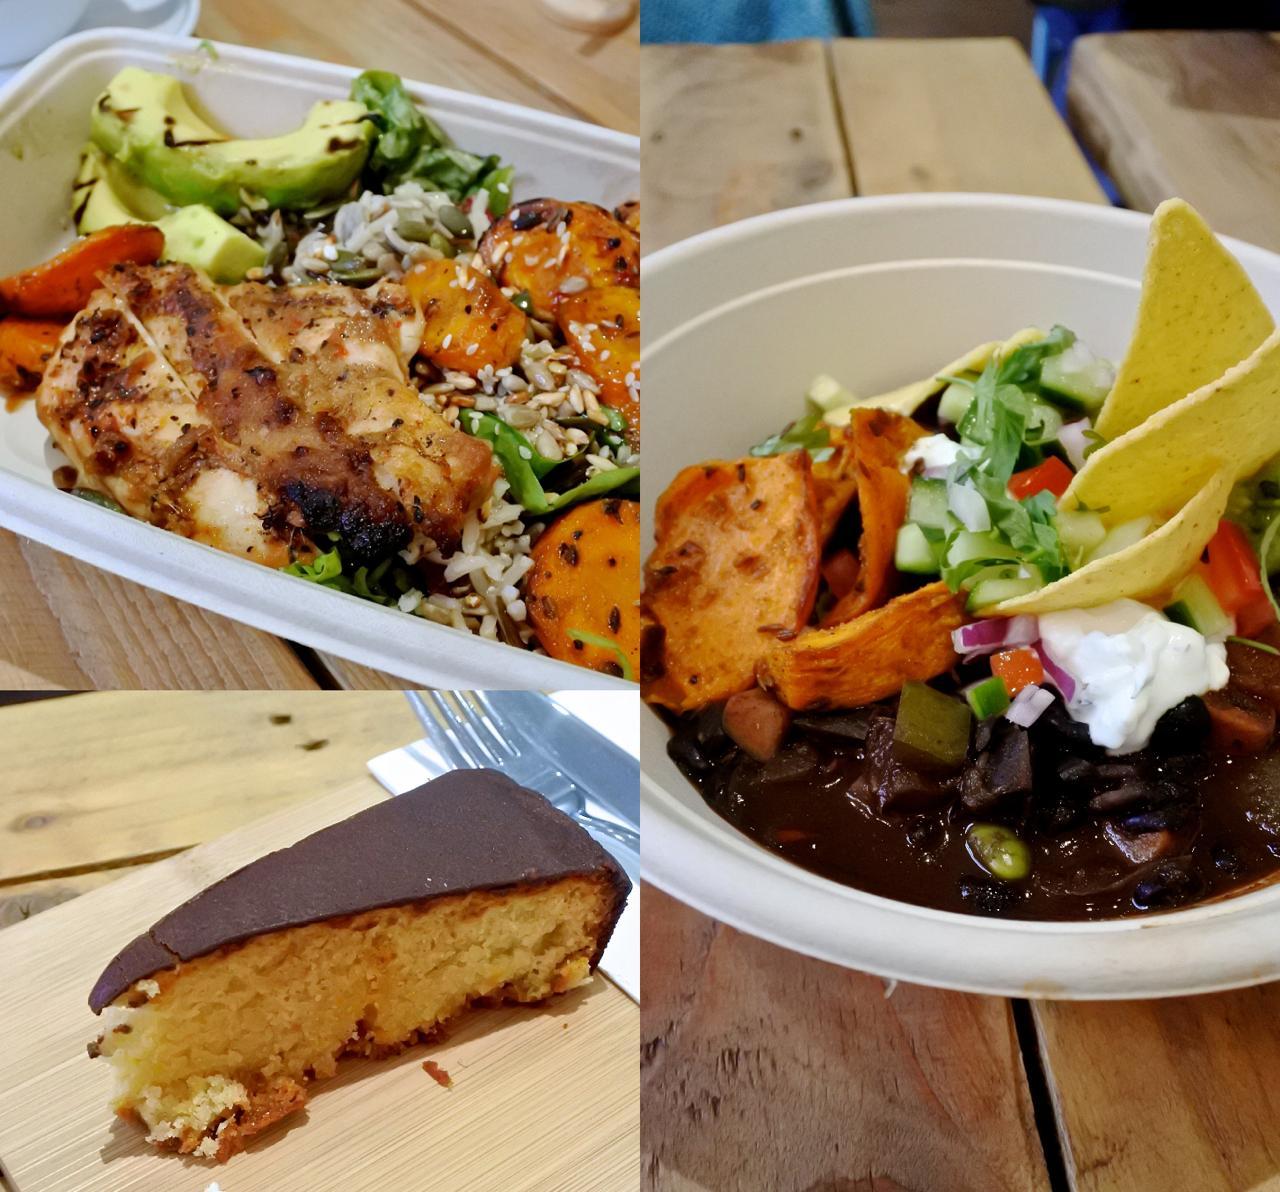 右は日替わりのブラックビーン・シチューにワカモレなどをのせたメキシカンな一皿。左上は「Rabbit」と名付けられたサラダにチキンを載せたもの。量はさほど多くないので、軽いランチにぴったり。左下はアーモンド粉のケーキ☆